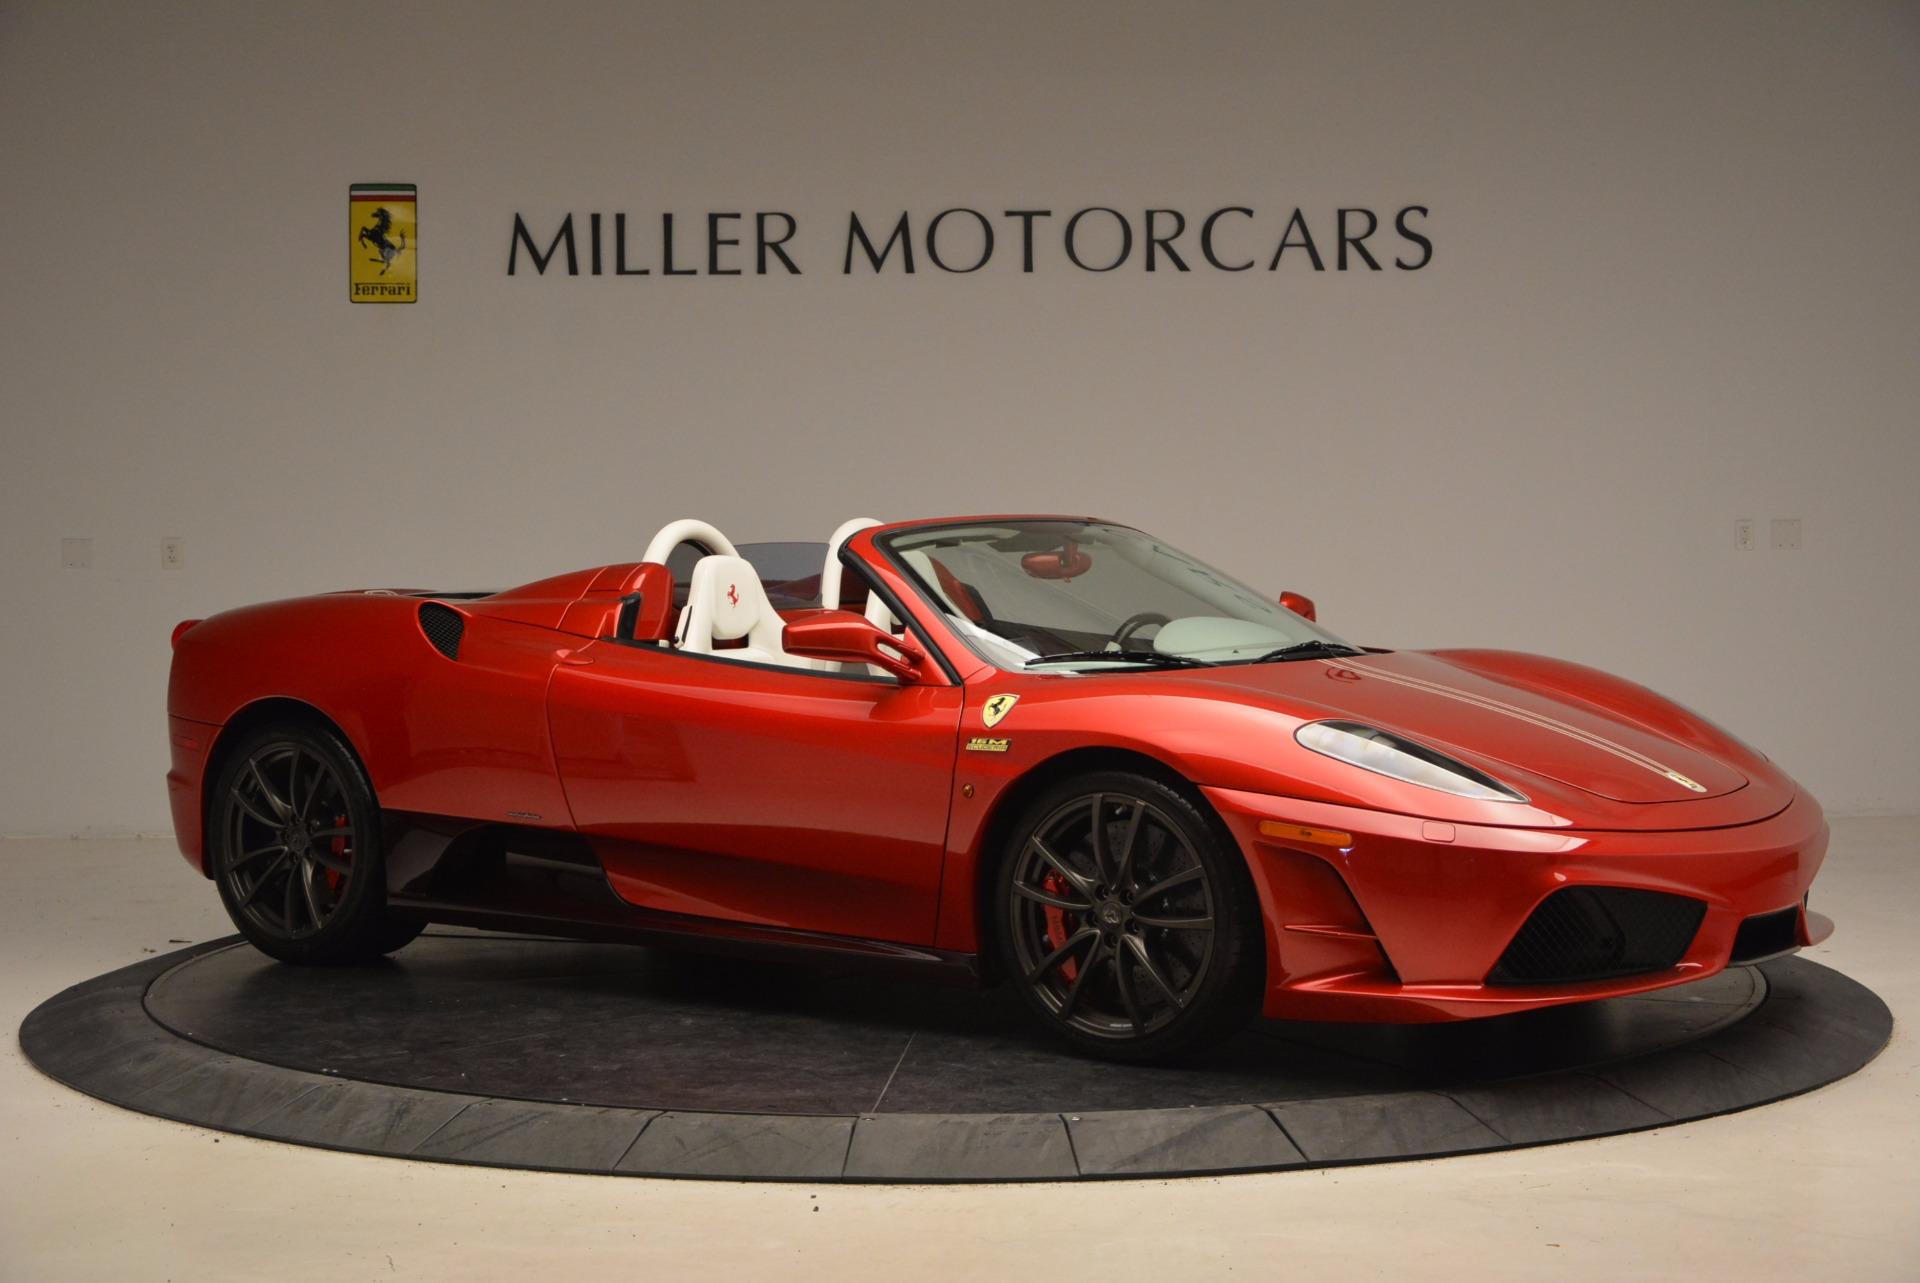 Used 2009 Ferrari F430 Scuderia 16M For Sale In Greenwich, CT. Alfa Romeo of Greenwich, 4404 1398_p10